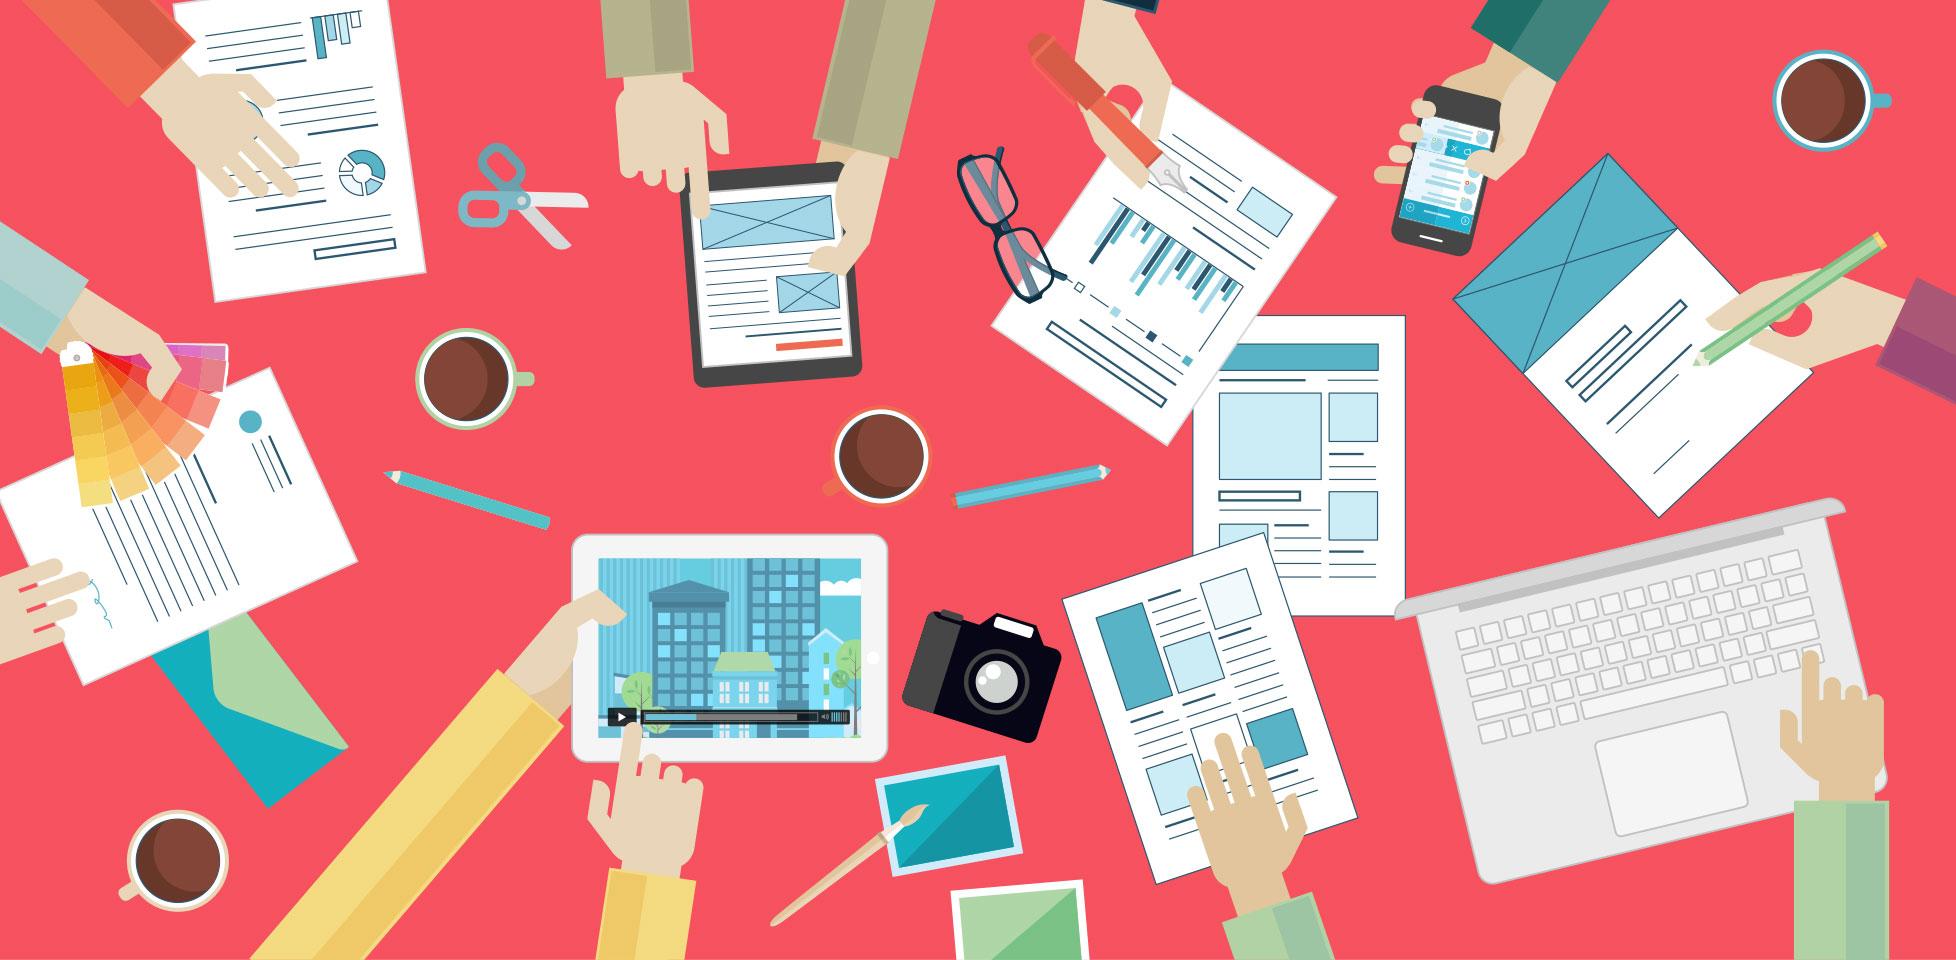 Starting A Web Design Business With No Portfolio